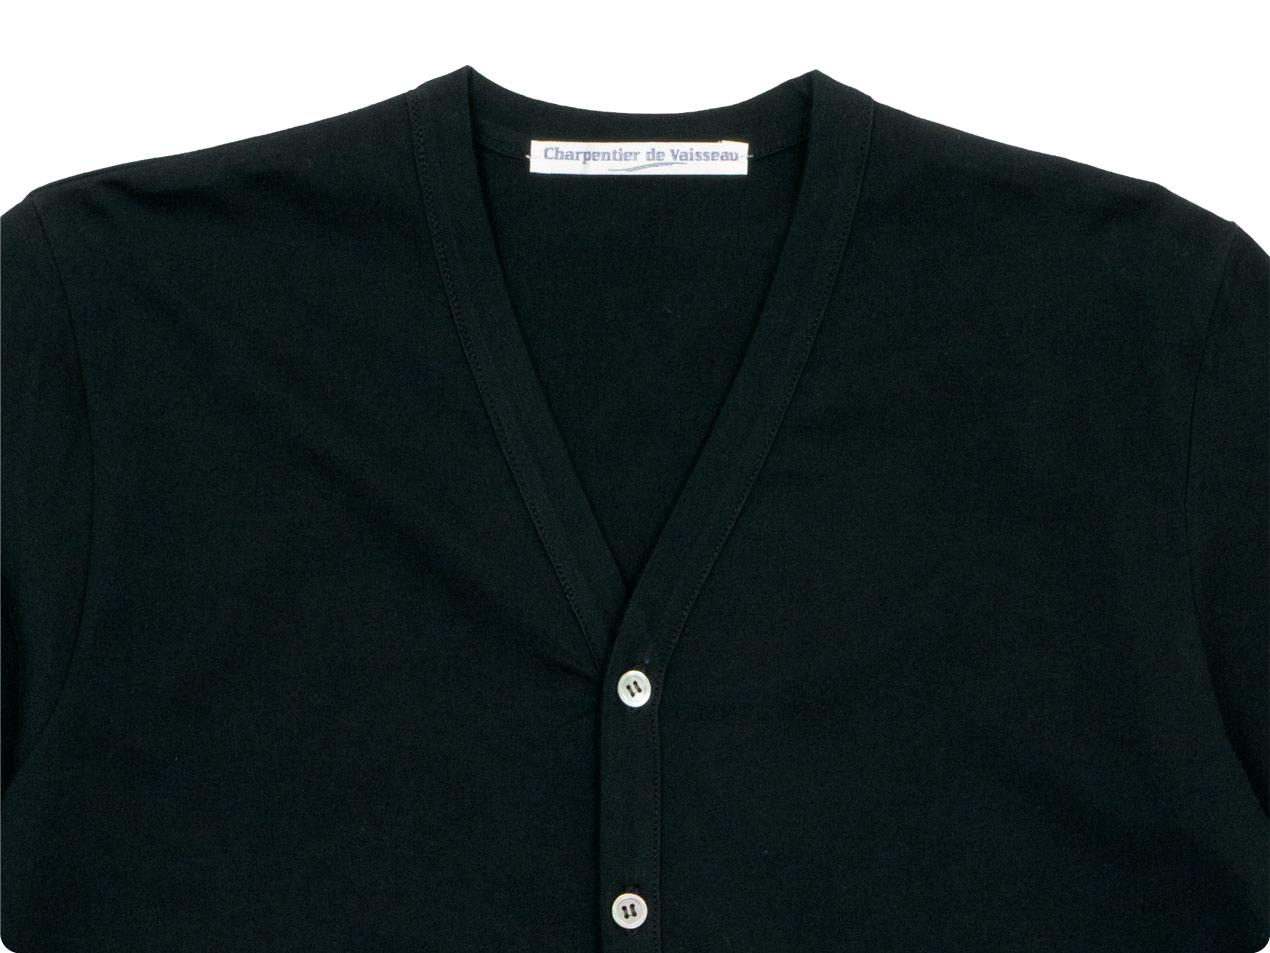 Charpentier de Vaisseau Jeannie V neck Cardigan